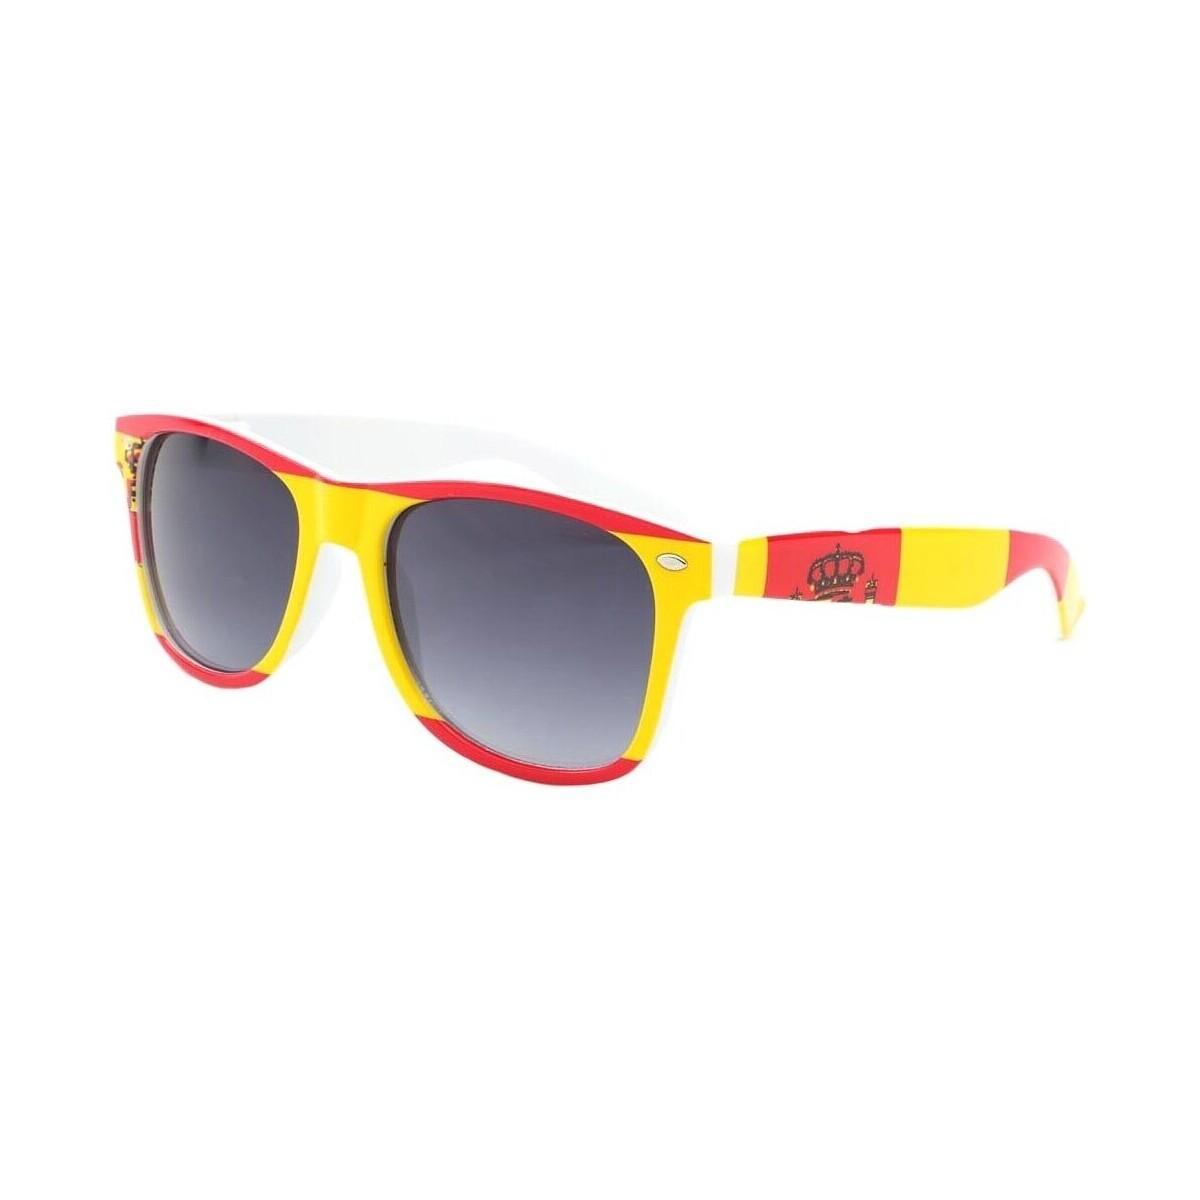 Eye Wear Lunette de soleil Espagne Rouge et Jaune Rouge